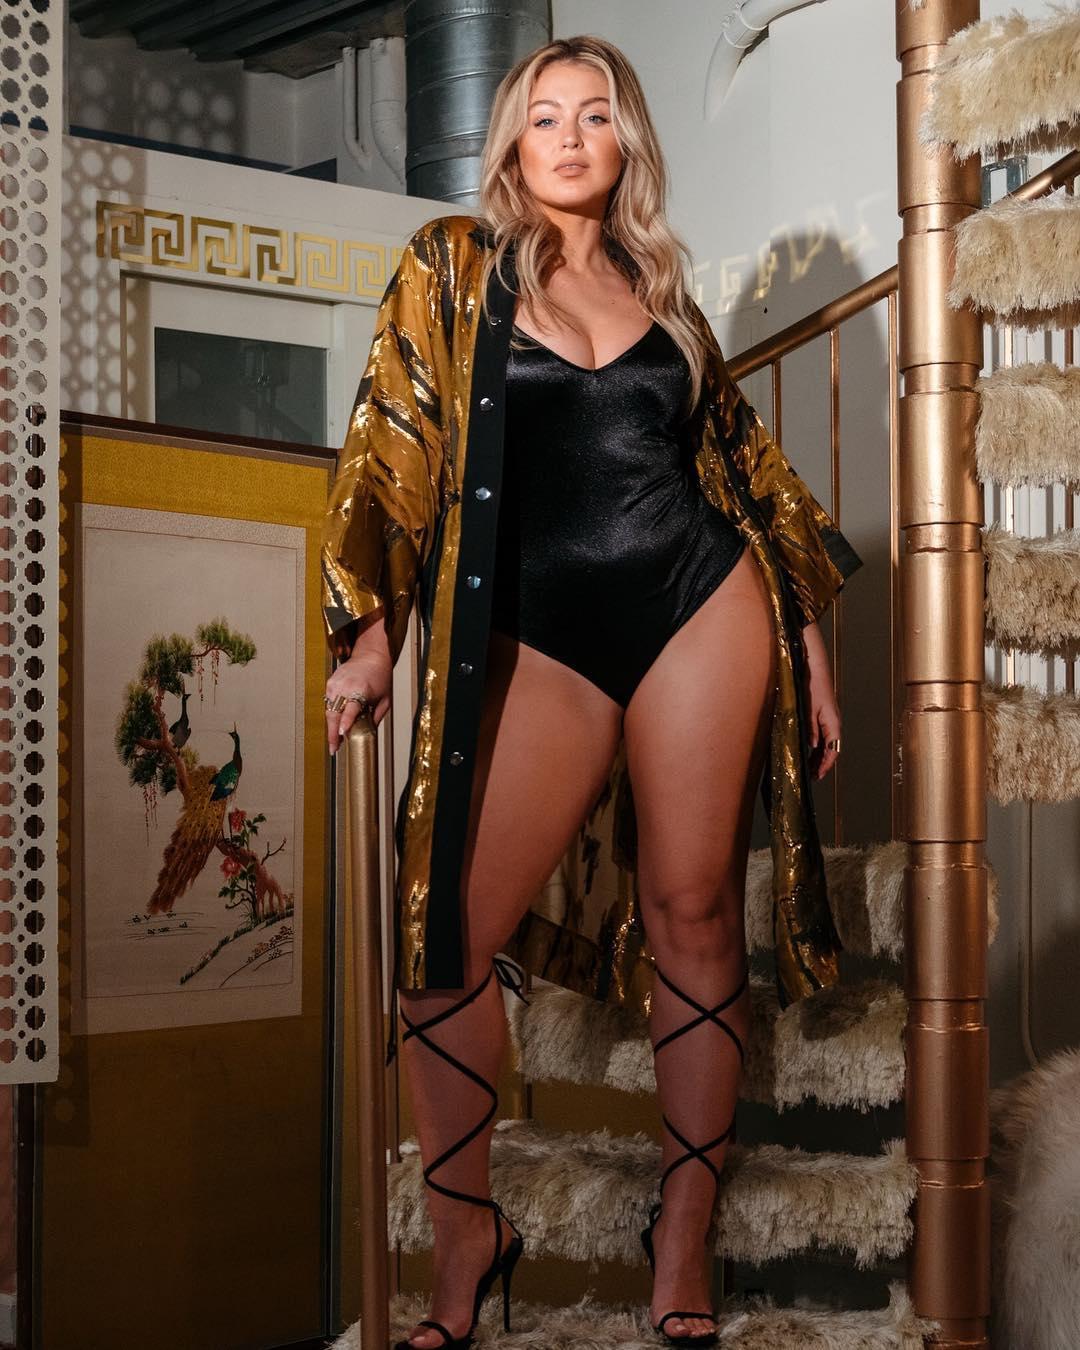 Iskra Lawrence escolhe a ousadia e sensualidade para defender o corpo feminino